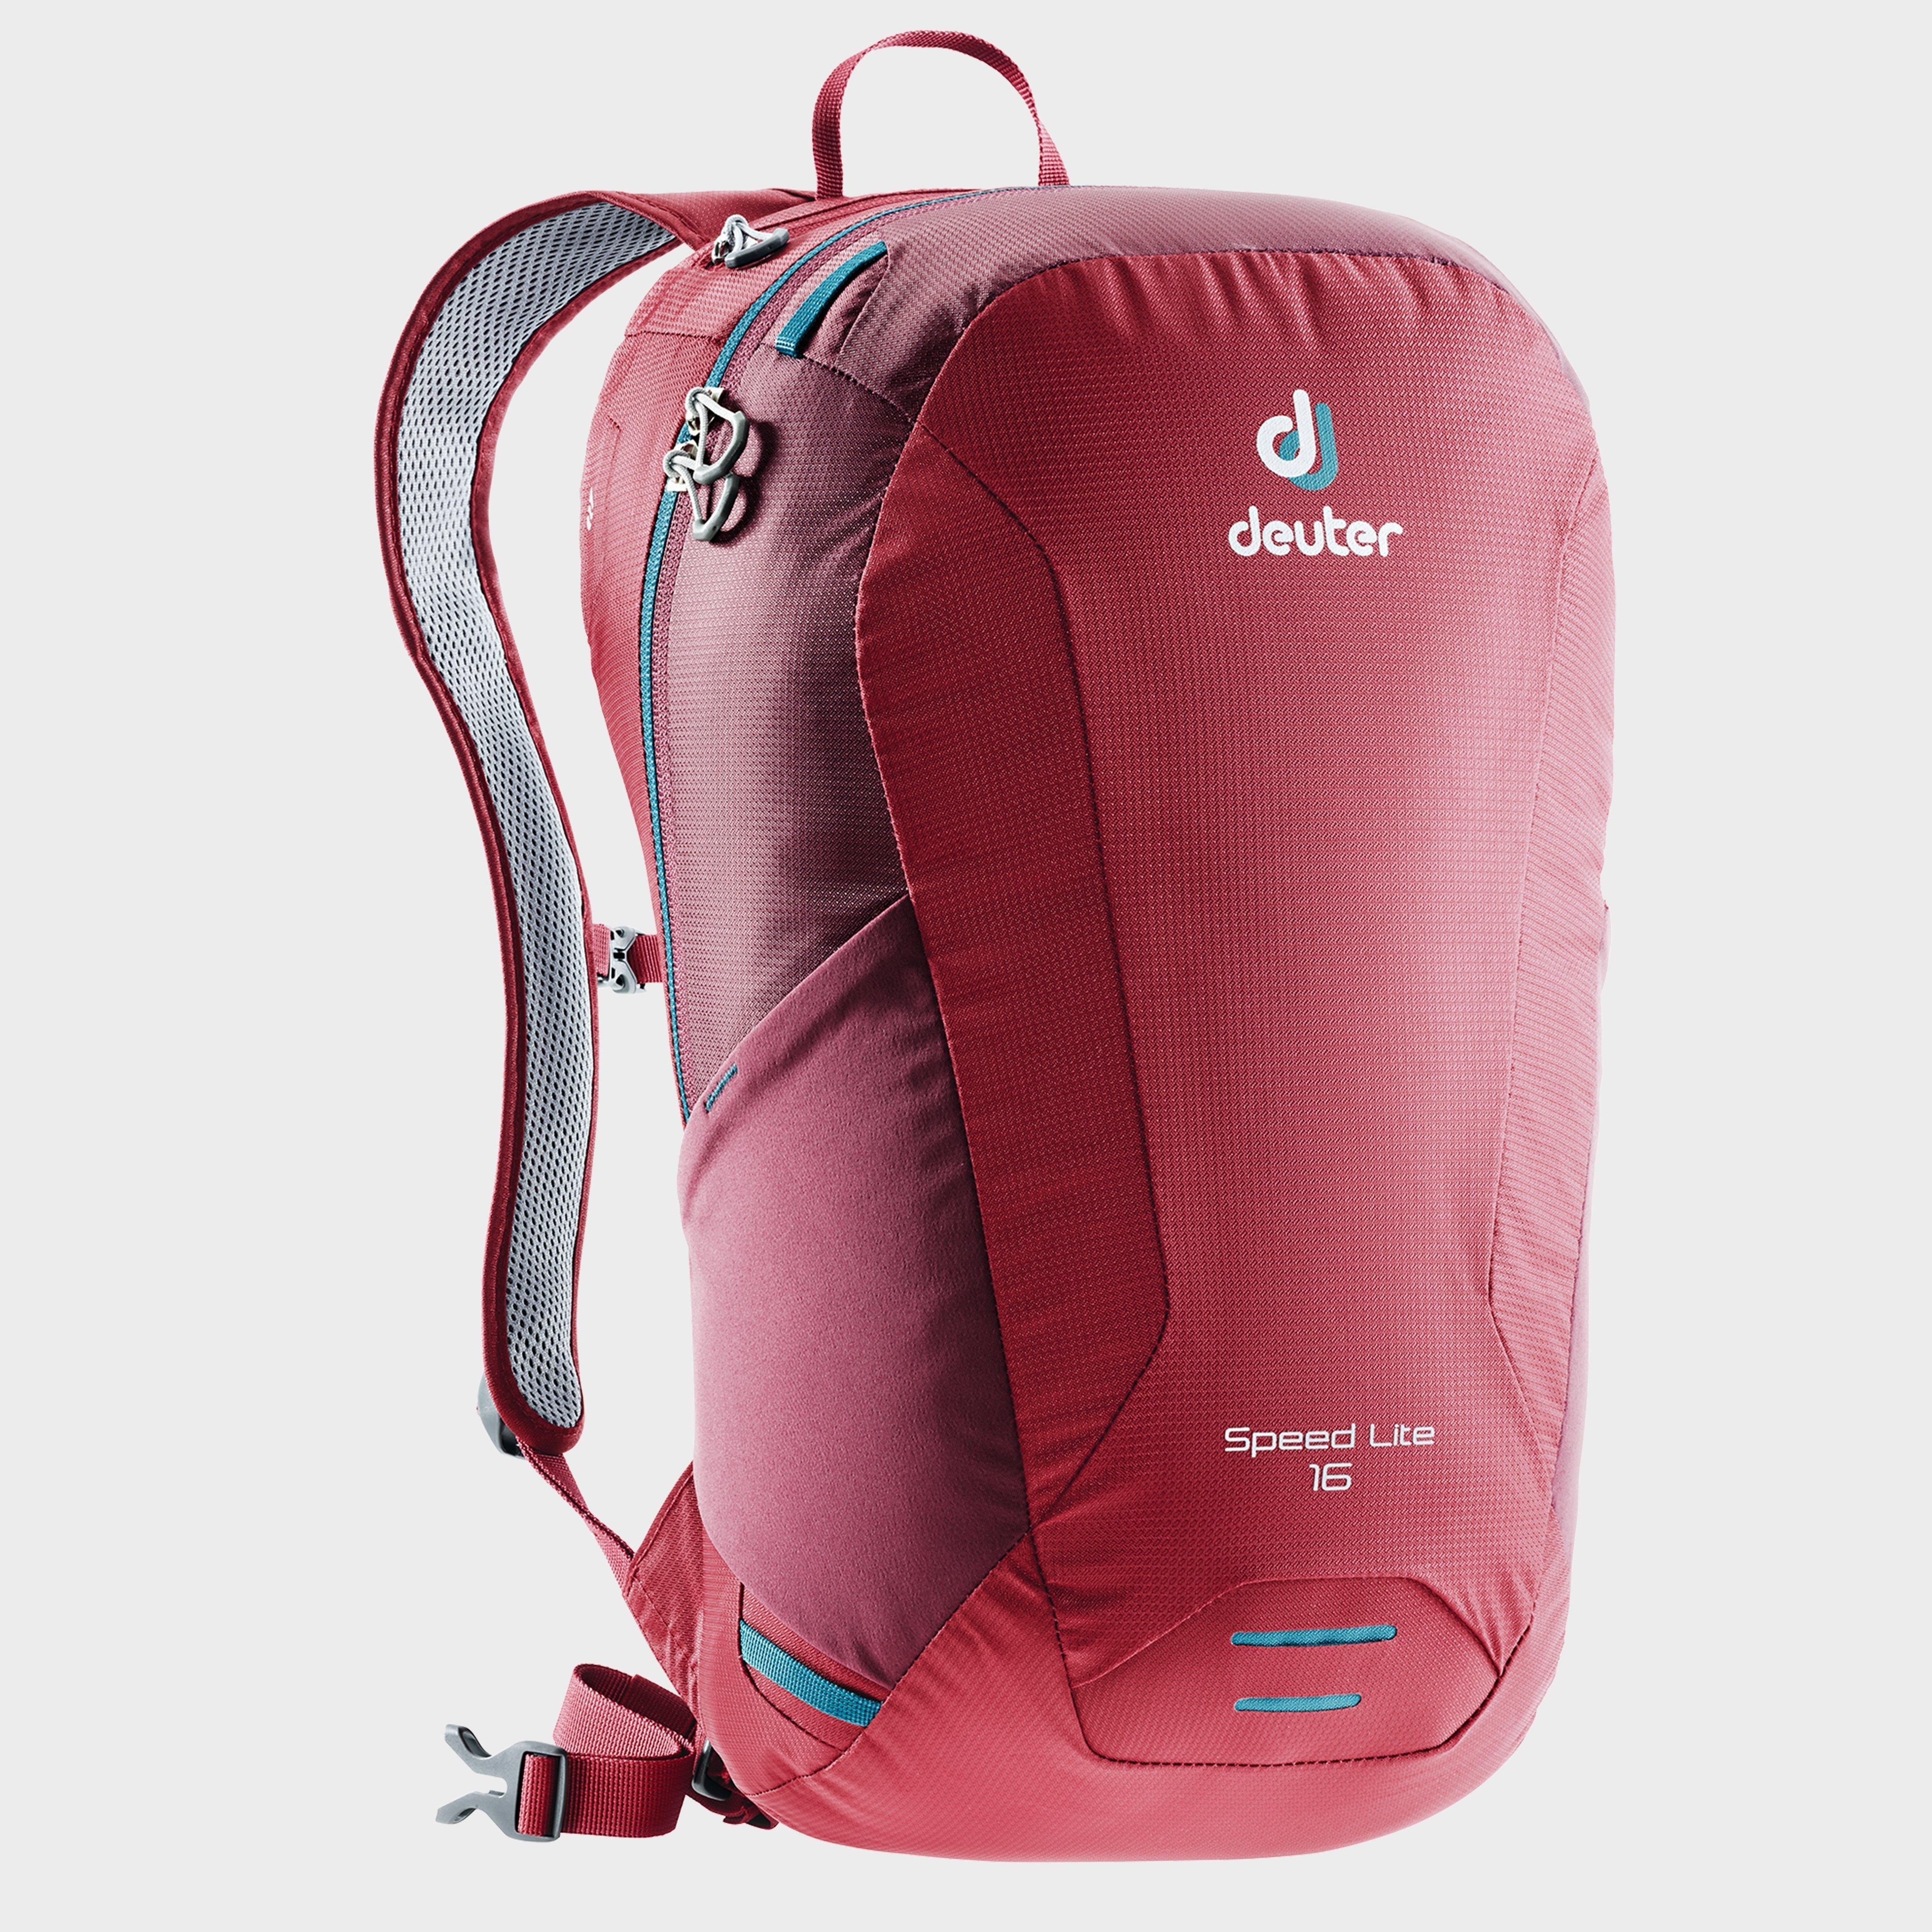 Deuter Deuter Speed Lite 16 Daypack - Red, Red